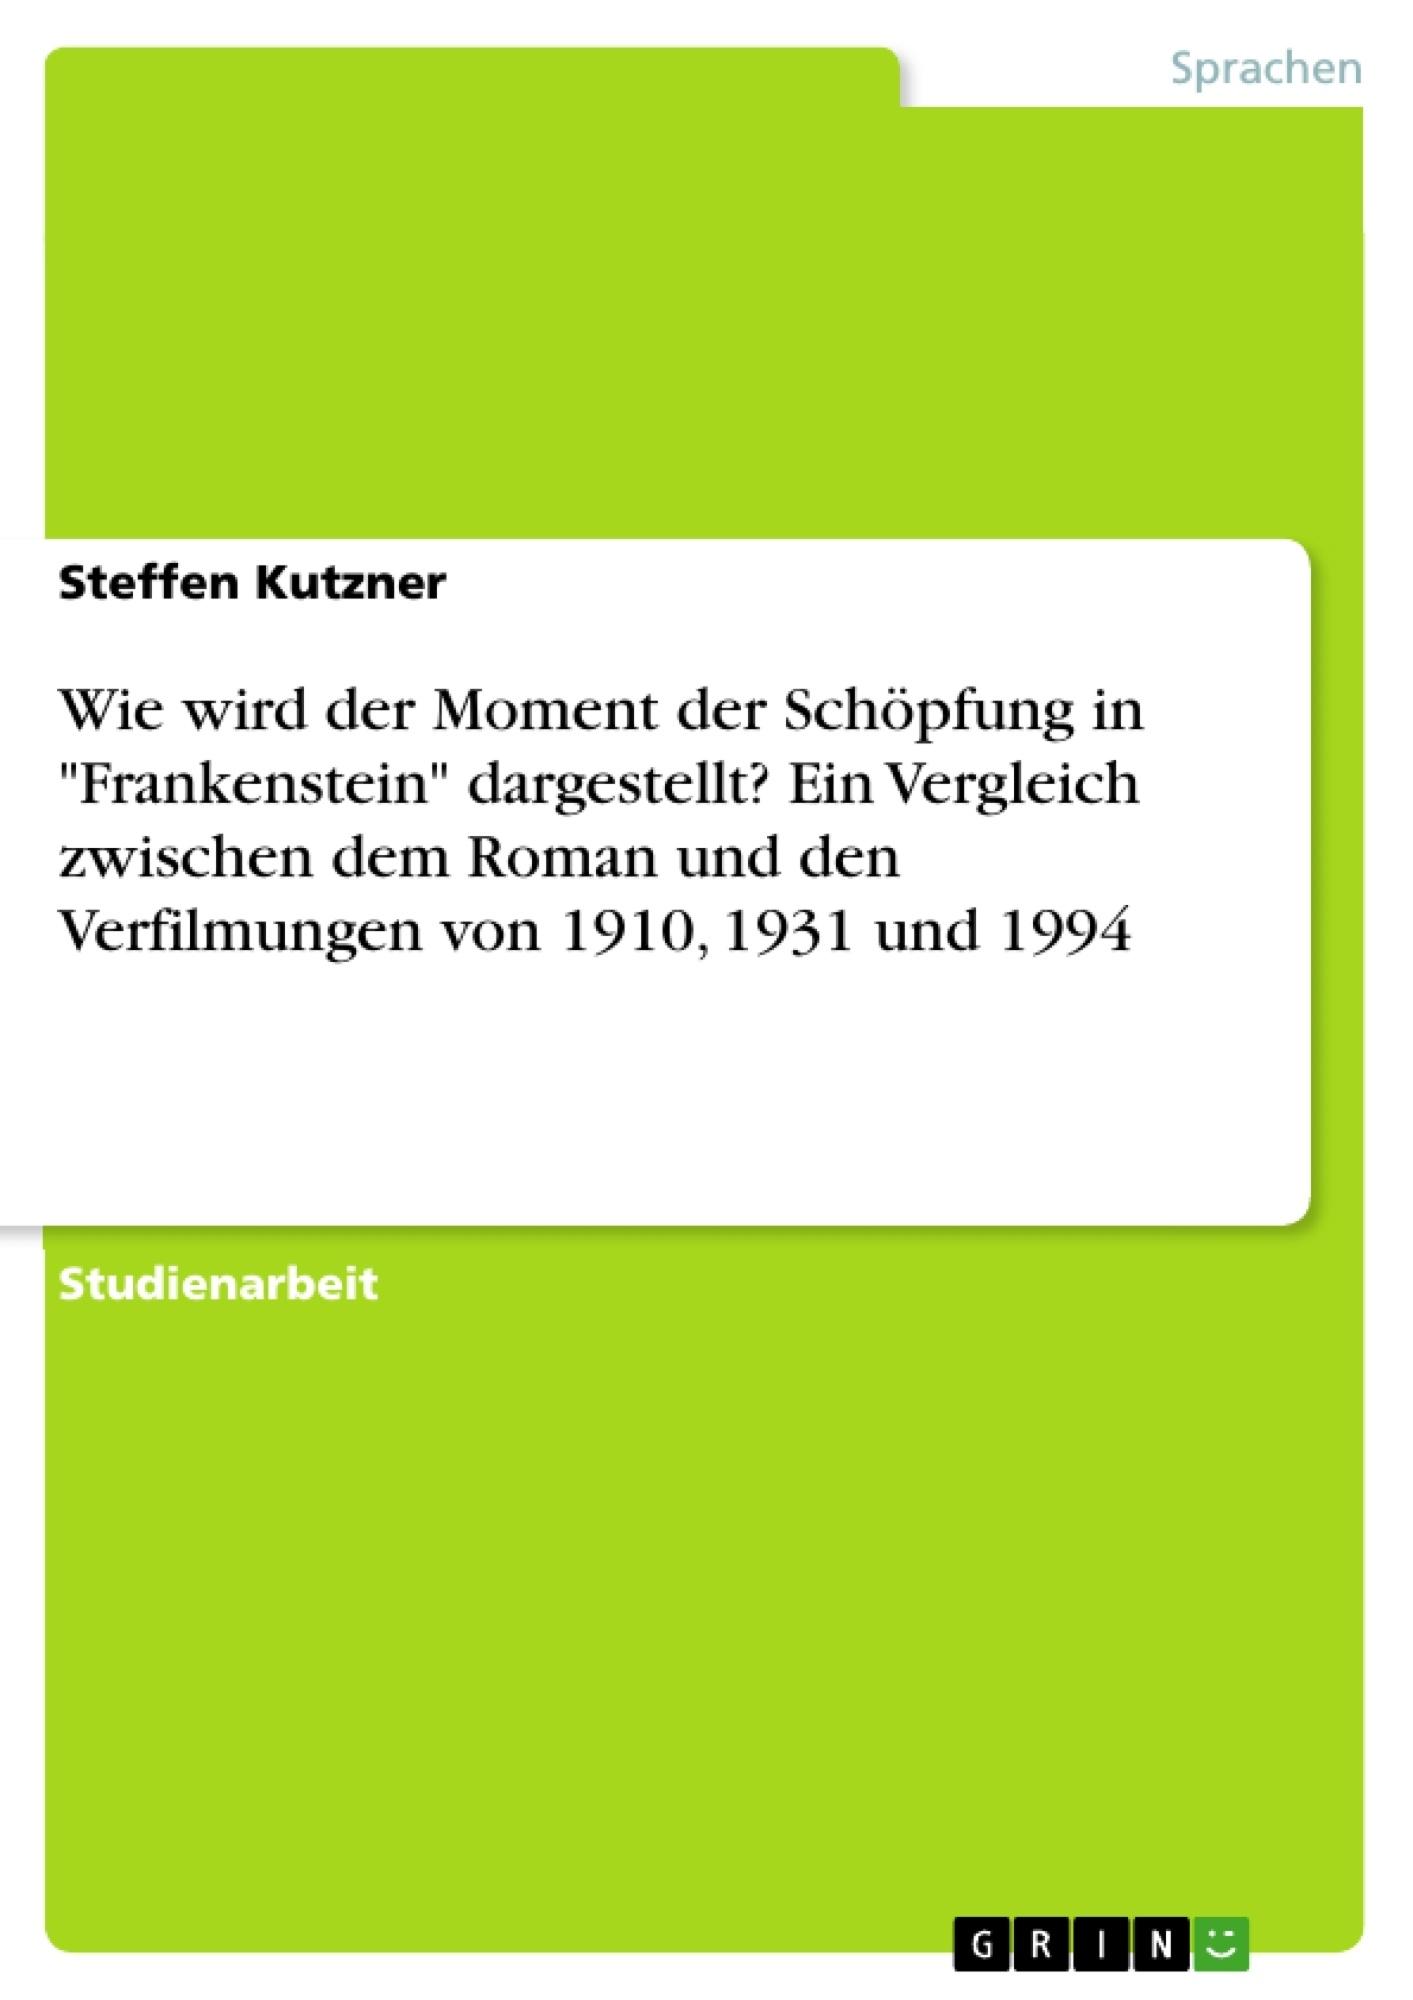 """Titel: Wie wird der Moment der Schöpfung in """"Frankenstein"""" dargestellt? Ein Vergleich zwischen dem Roman und den Verfilmungen von 1910, 1931 und 1994"""